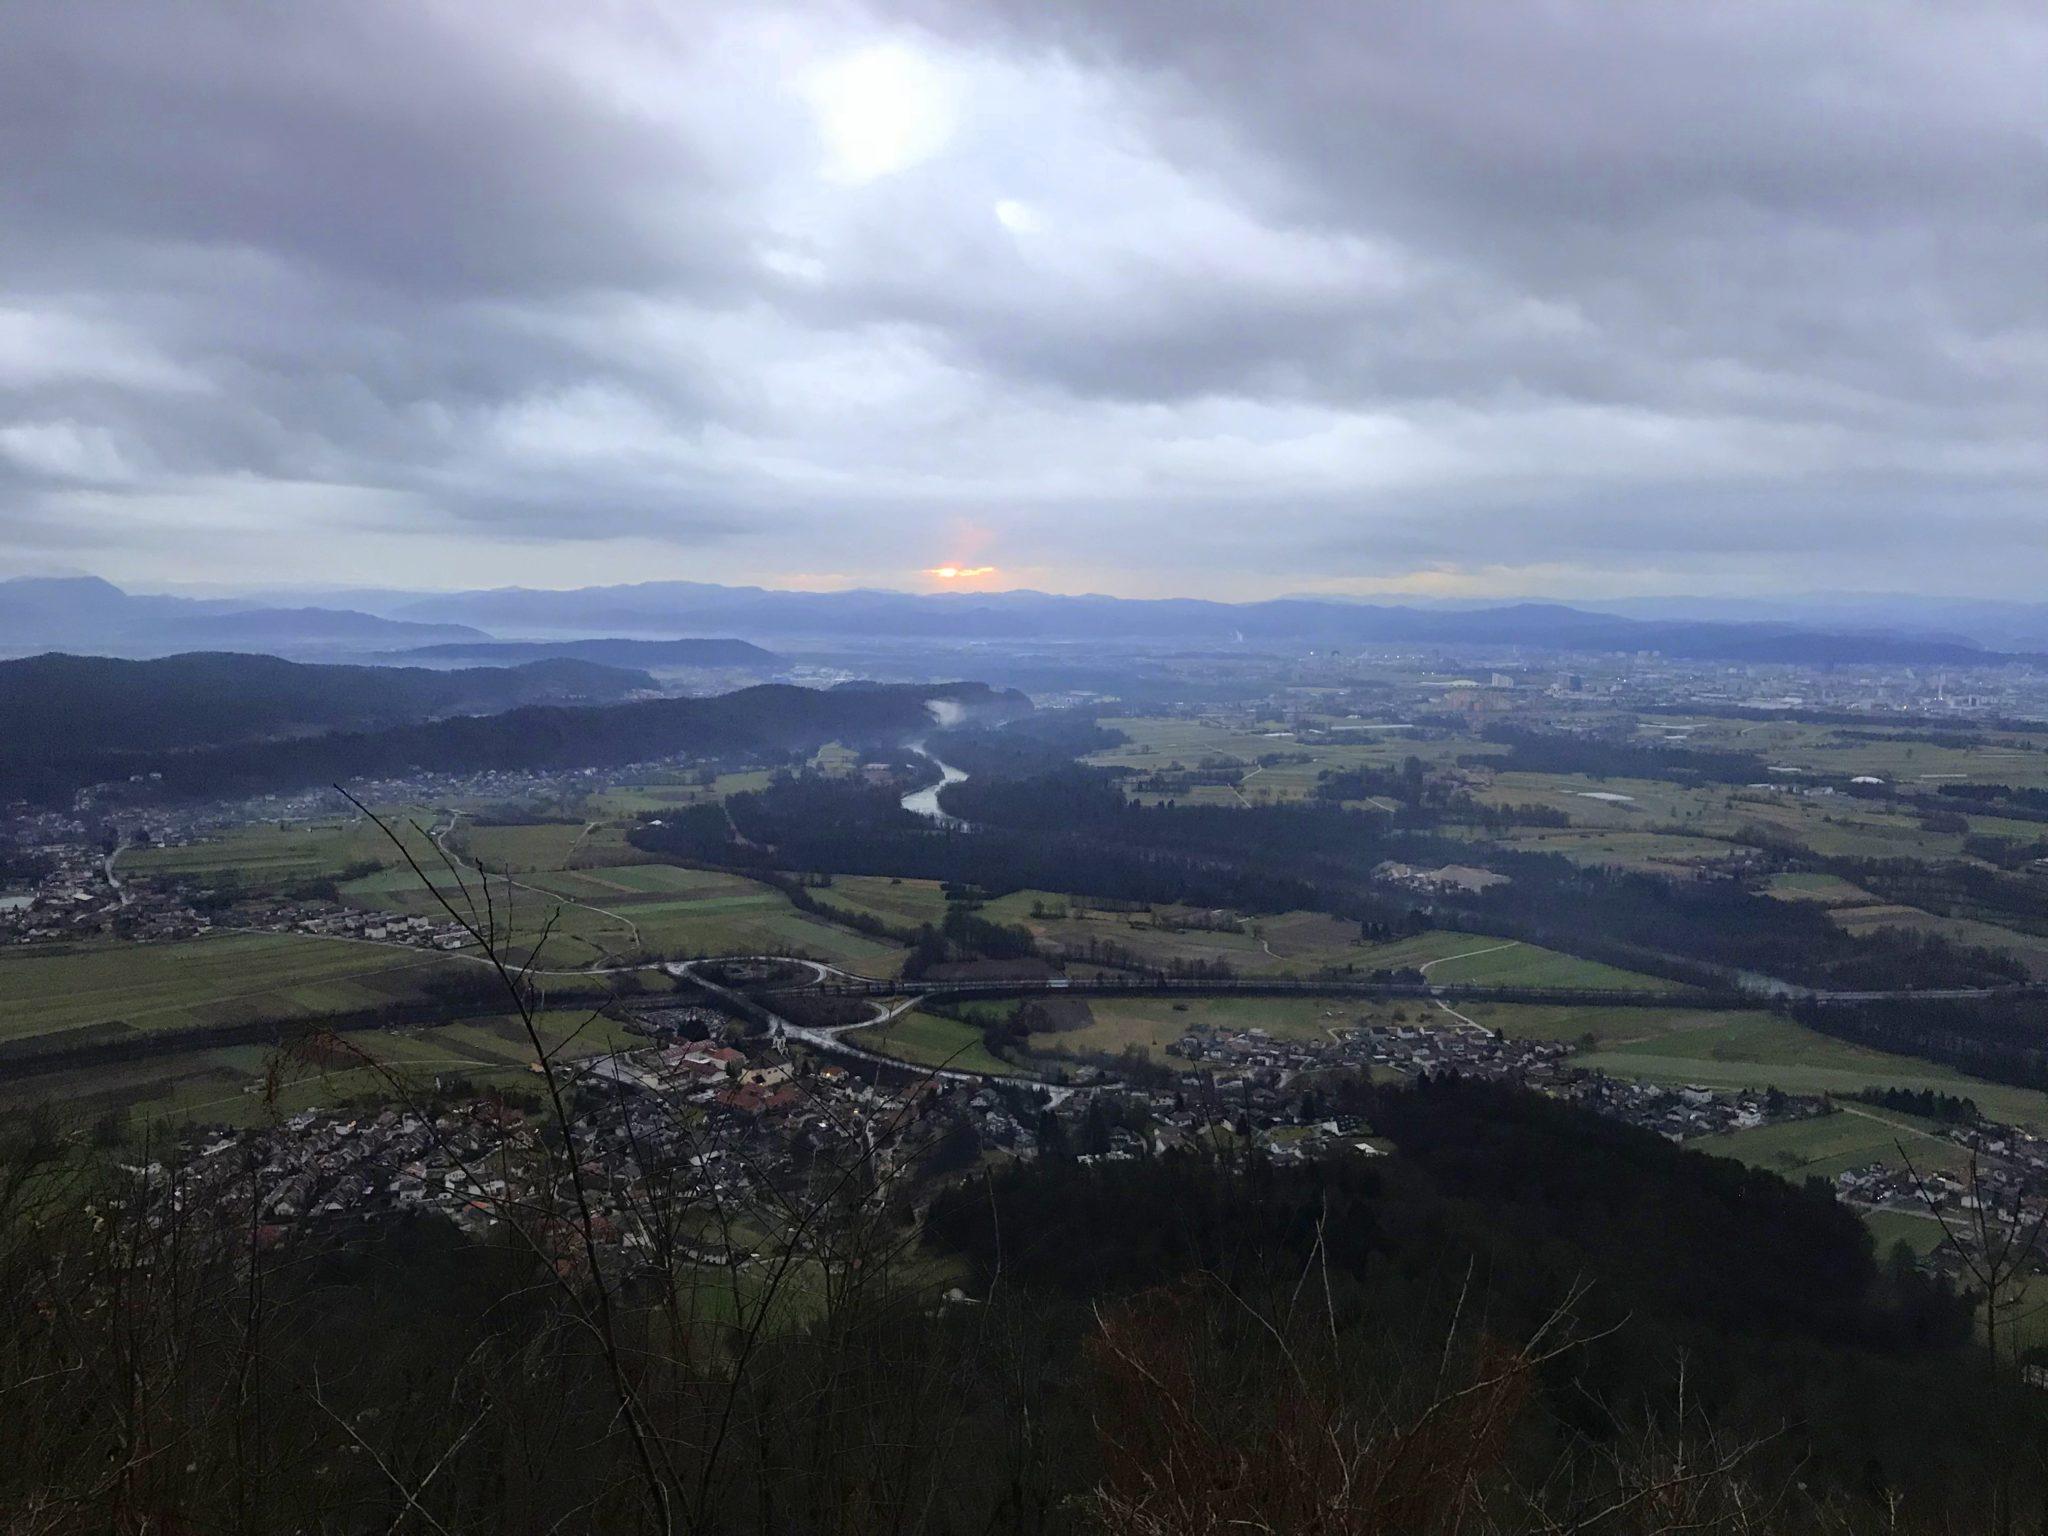 Sunrise from the rainy Šmarna gora